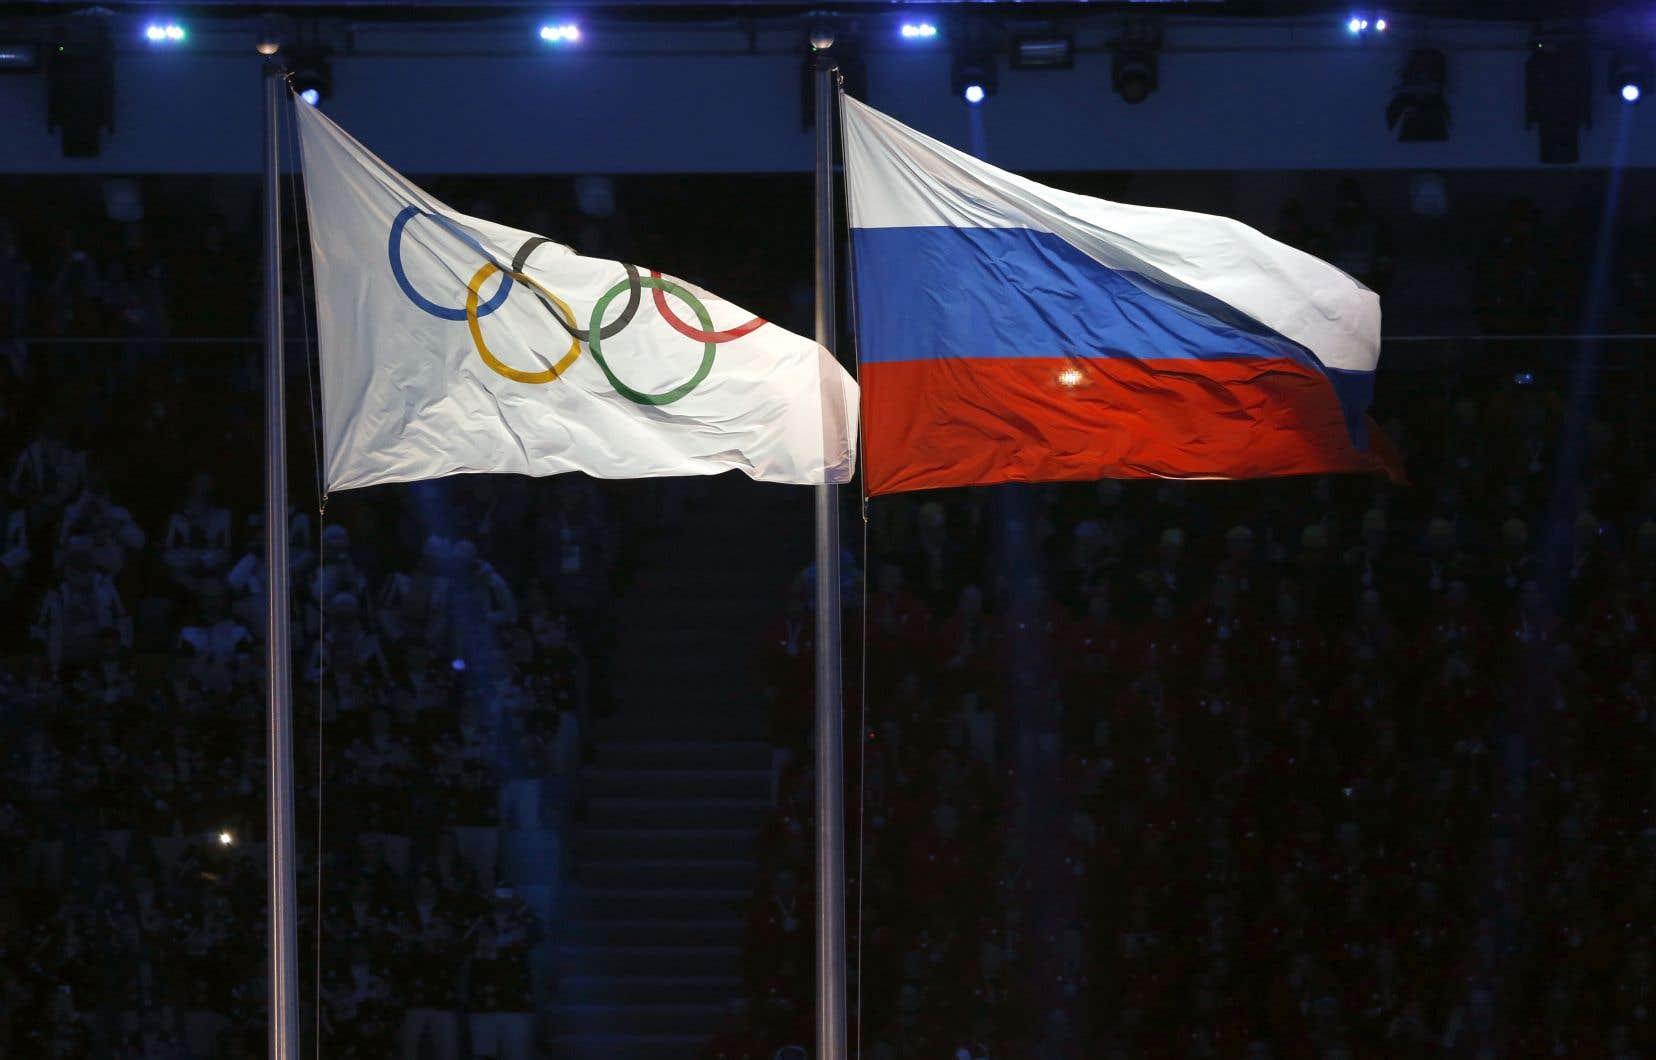 Concrètement, l'AMA va chercher à déterminer si la Russie a effacé des données pour tenter de mettre à l'abri des sportifs de toute poursuite disciplinaire.